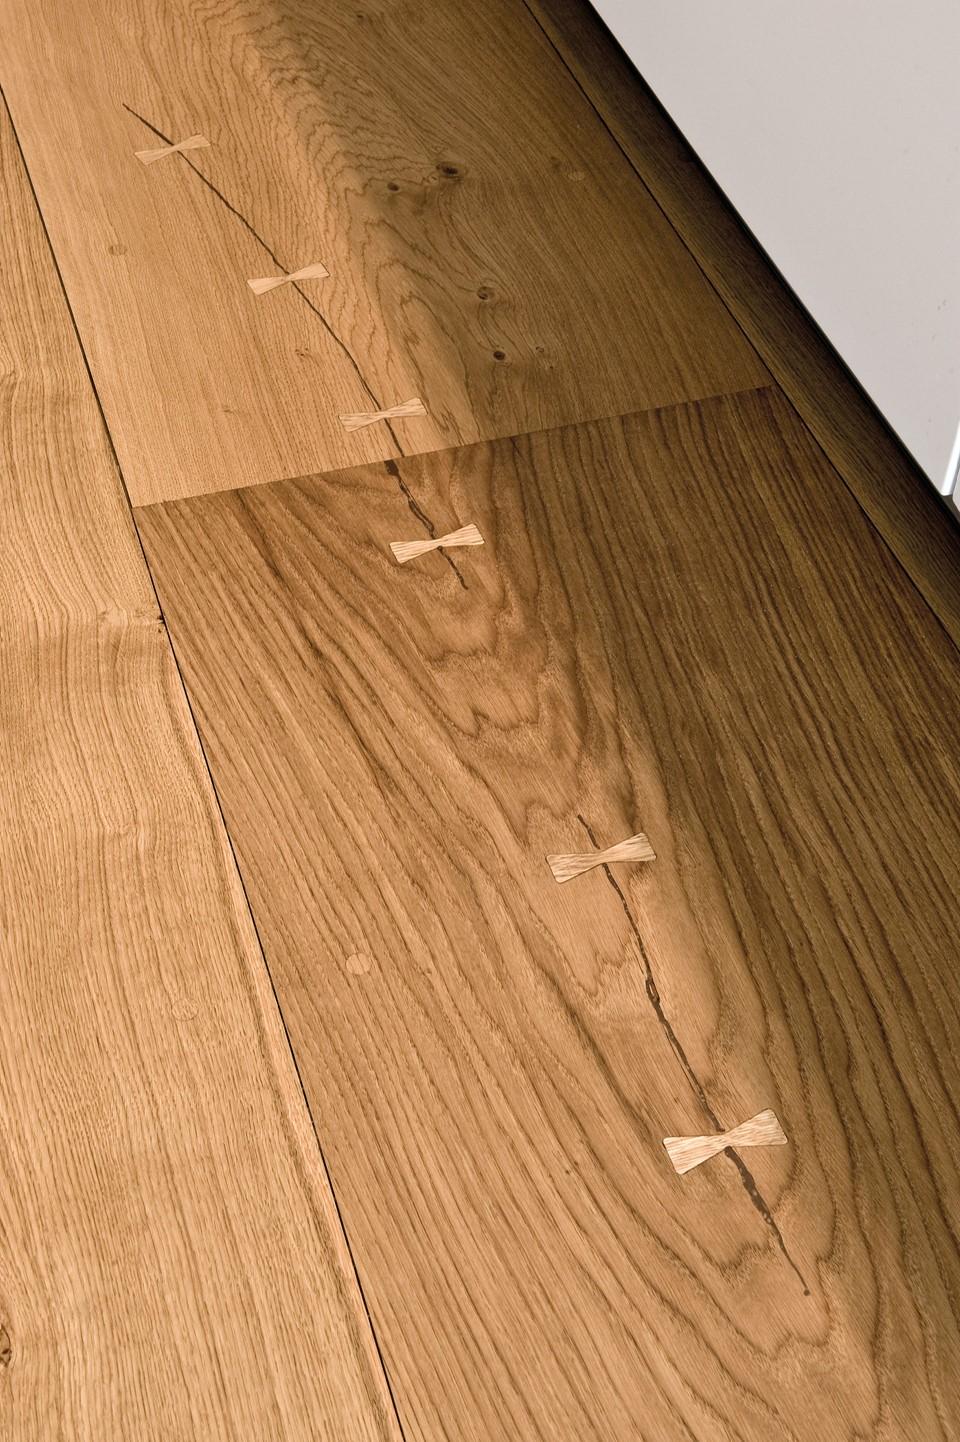 oak-hardwood-floors-heartoak_natural-oil_strib-residence_close-up_dinesen_02.jpg